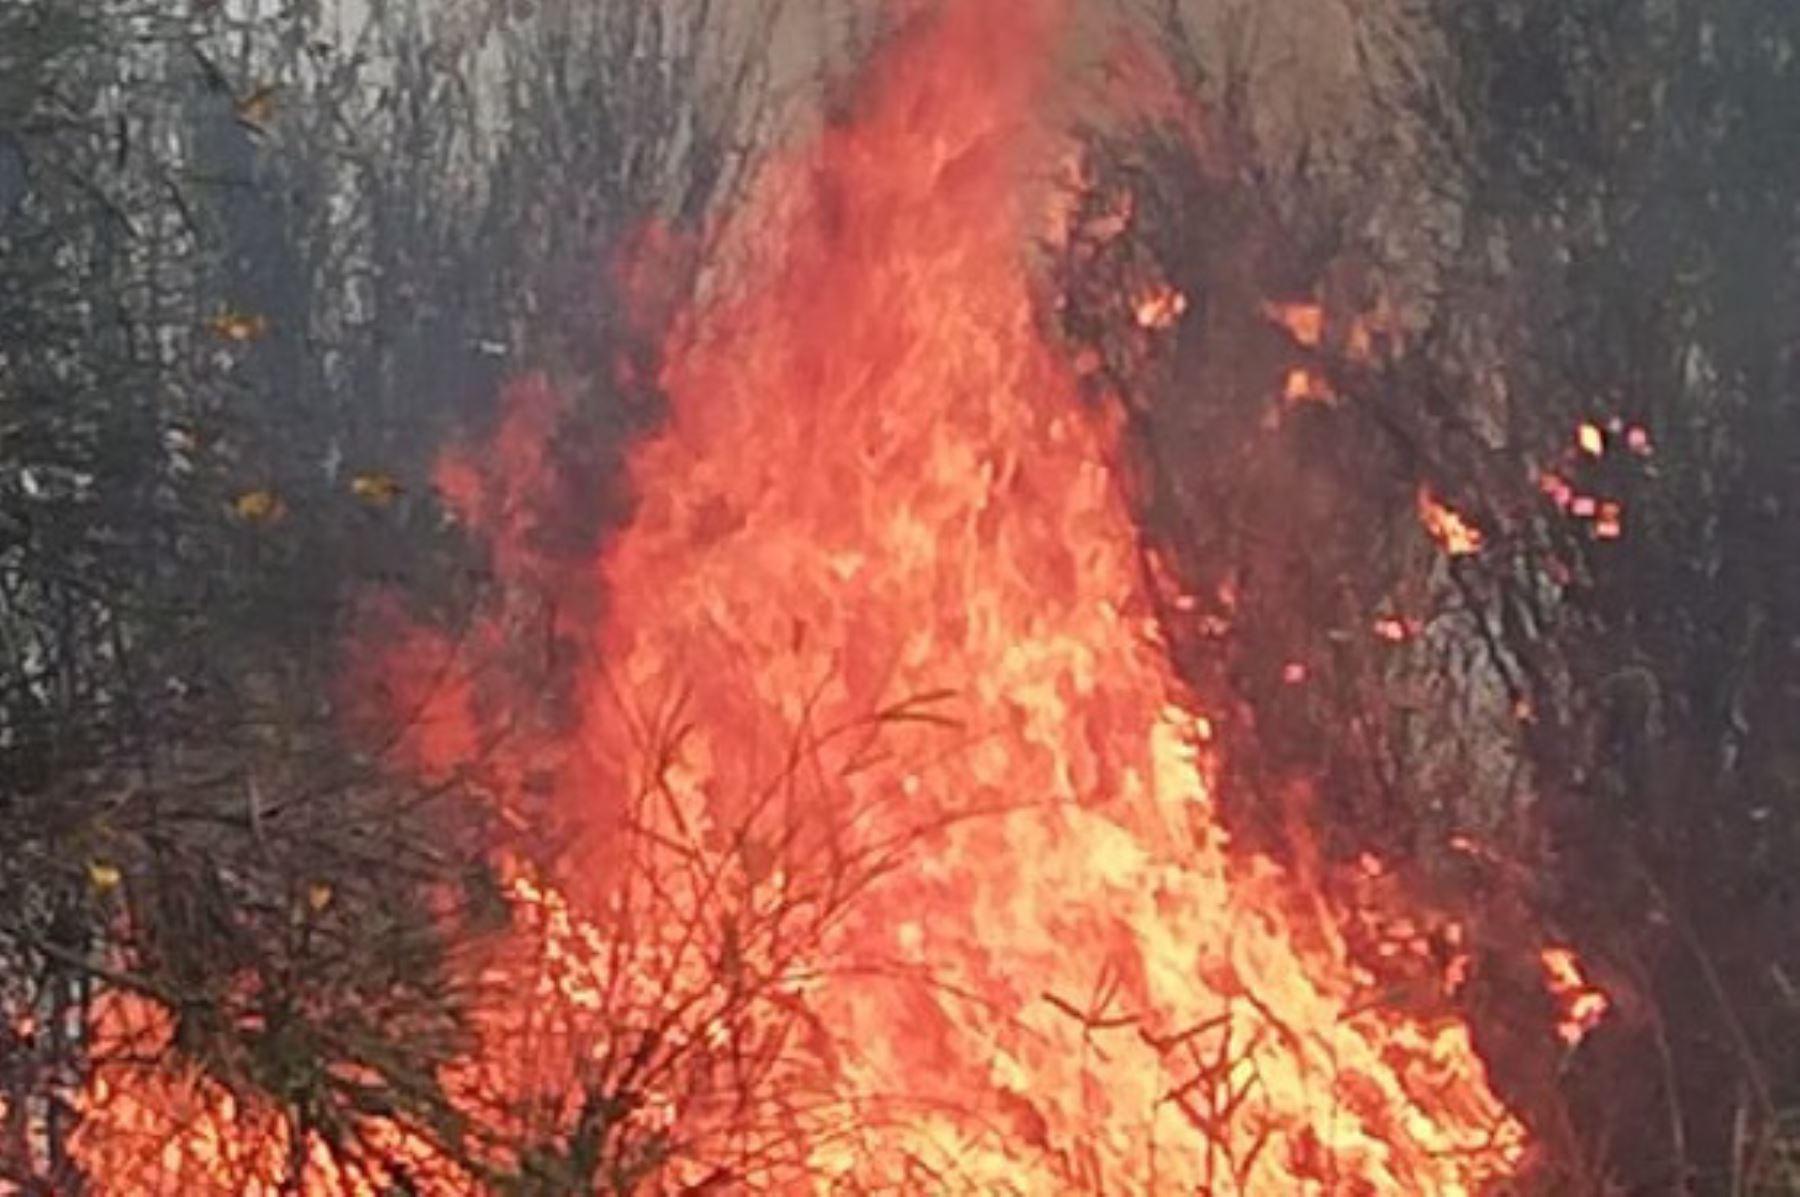 Esta tarde se reportó un incendio forestal en el distrito de Jangas, provincia de Huaraz,región Áncash.